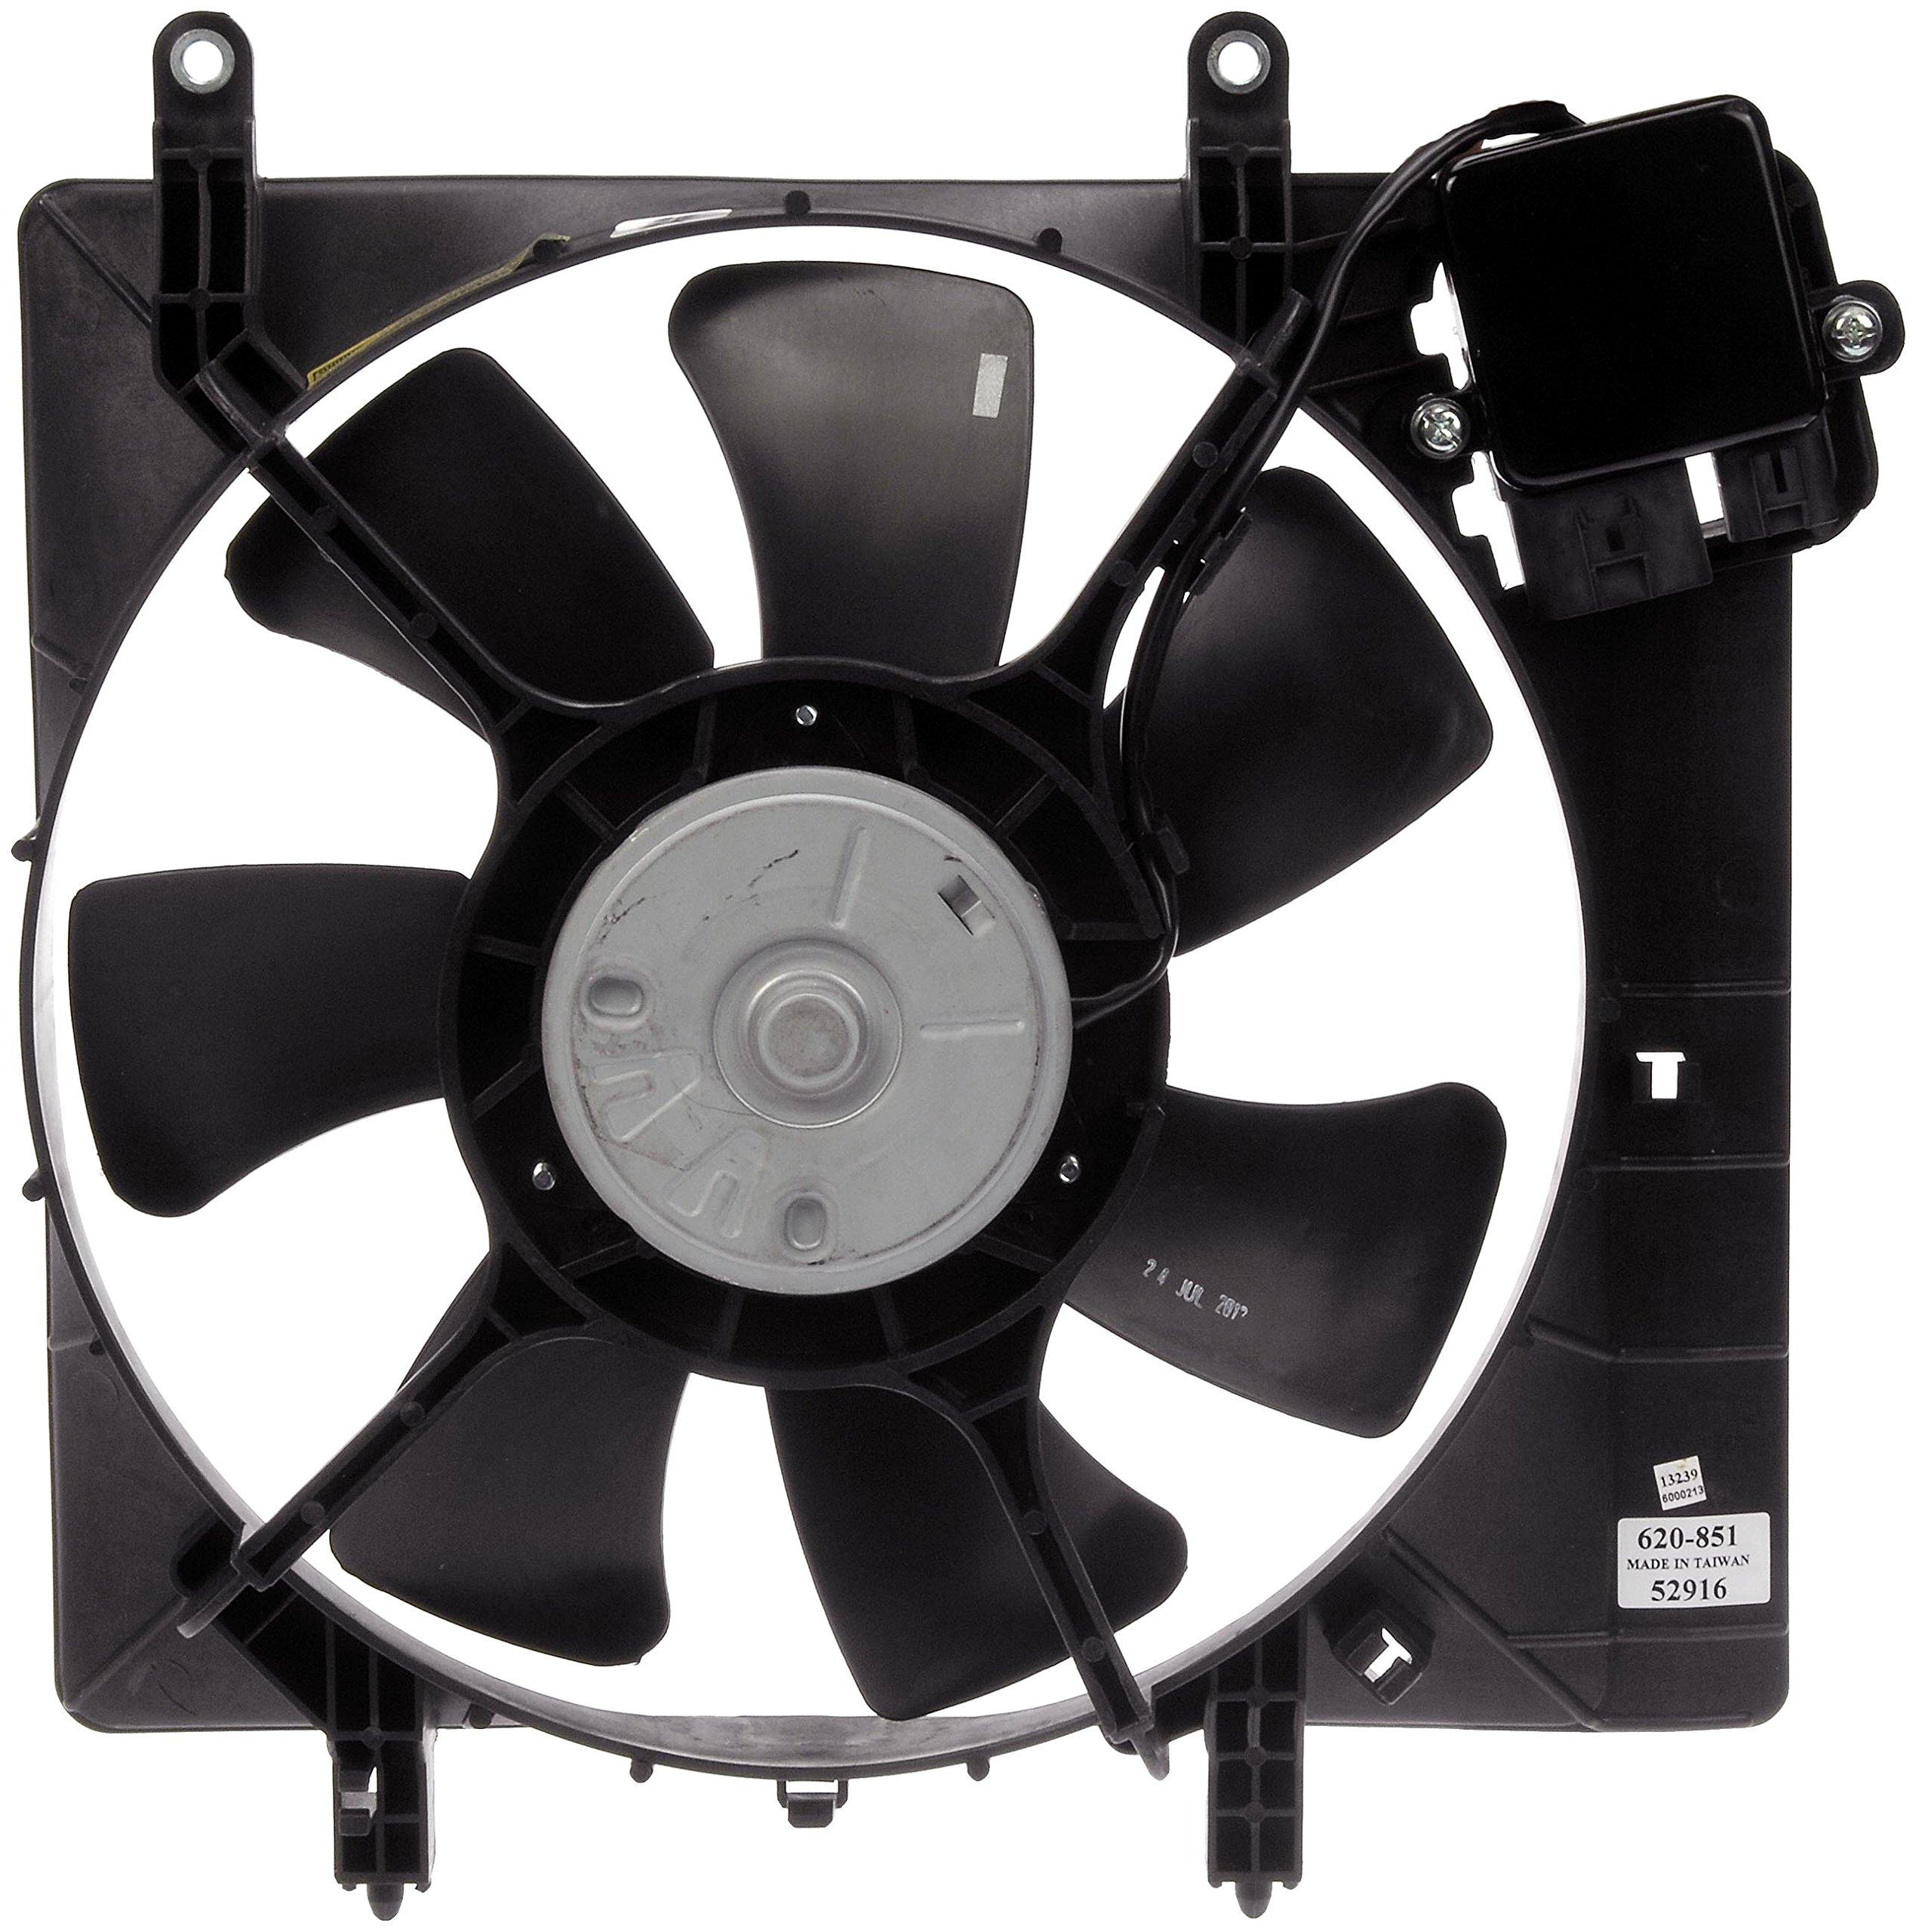 Dorman 620-851 Radiator Fan Assembly